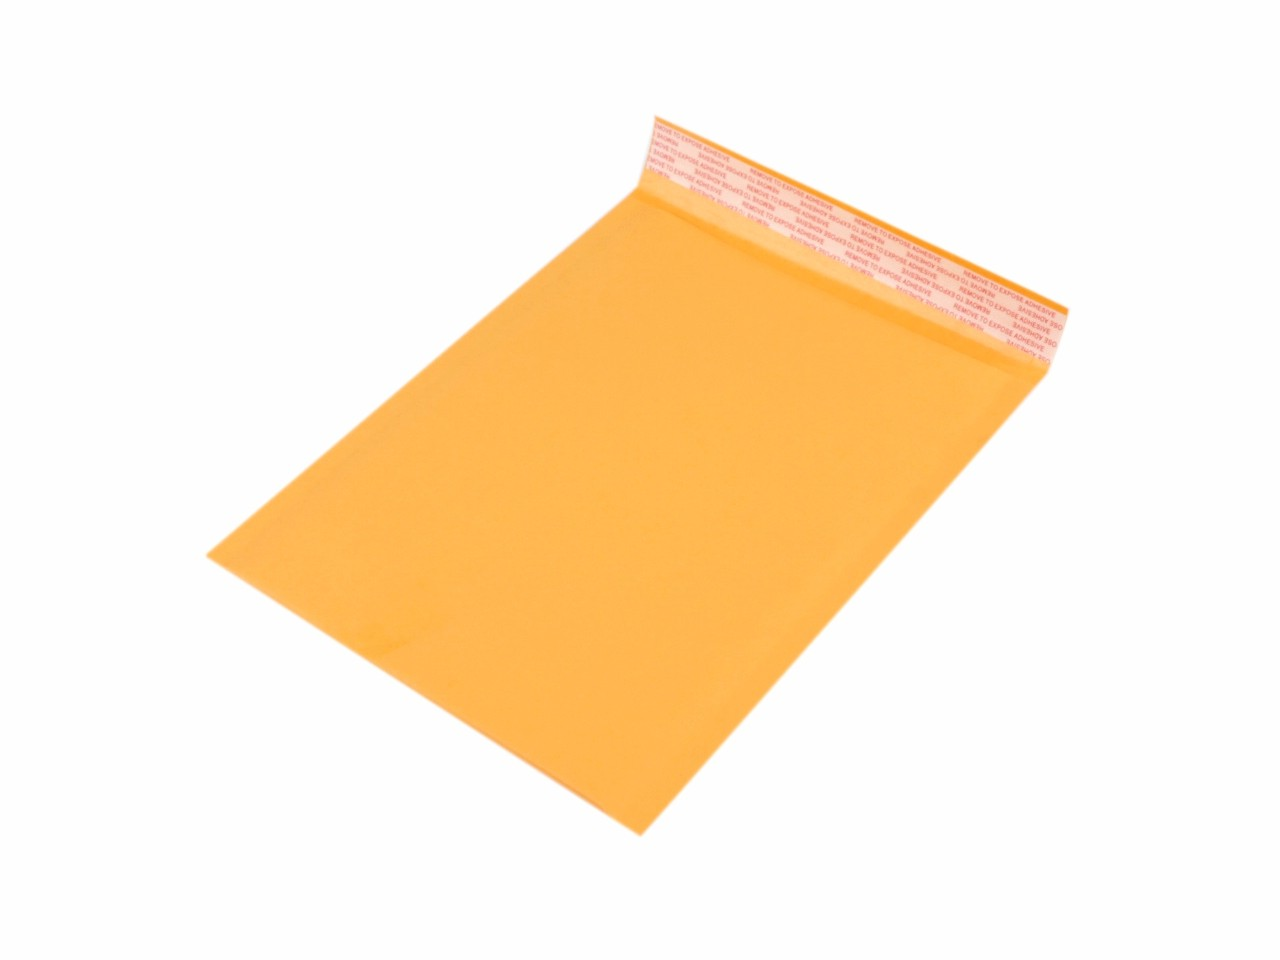 Bublinková obálka 18x23cm 200ks - 5 Kč / ks oranžová stř.